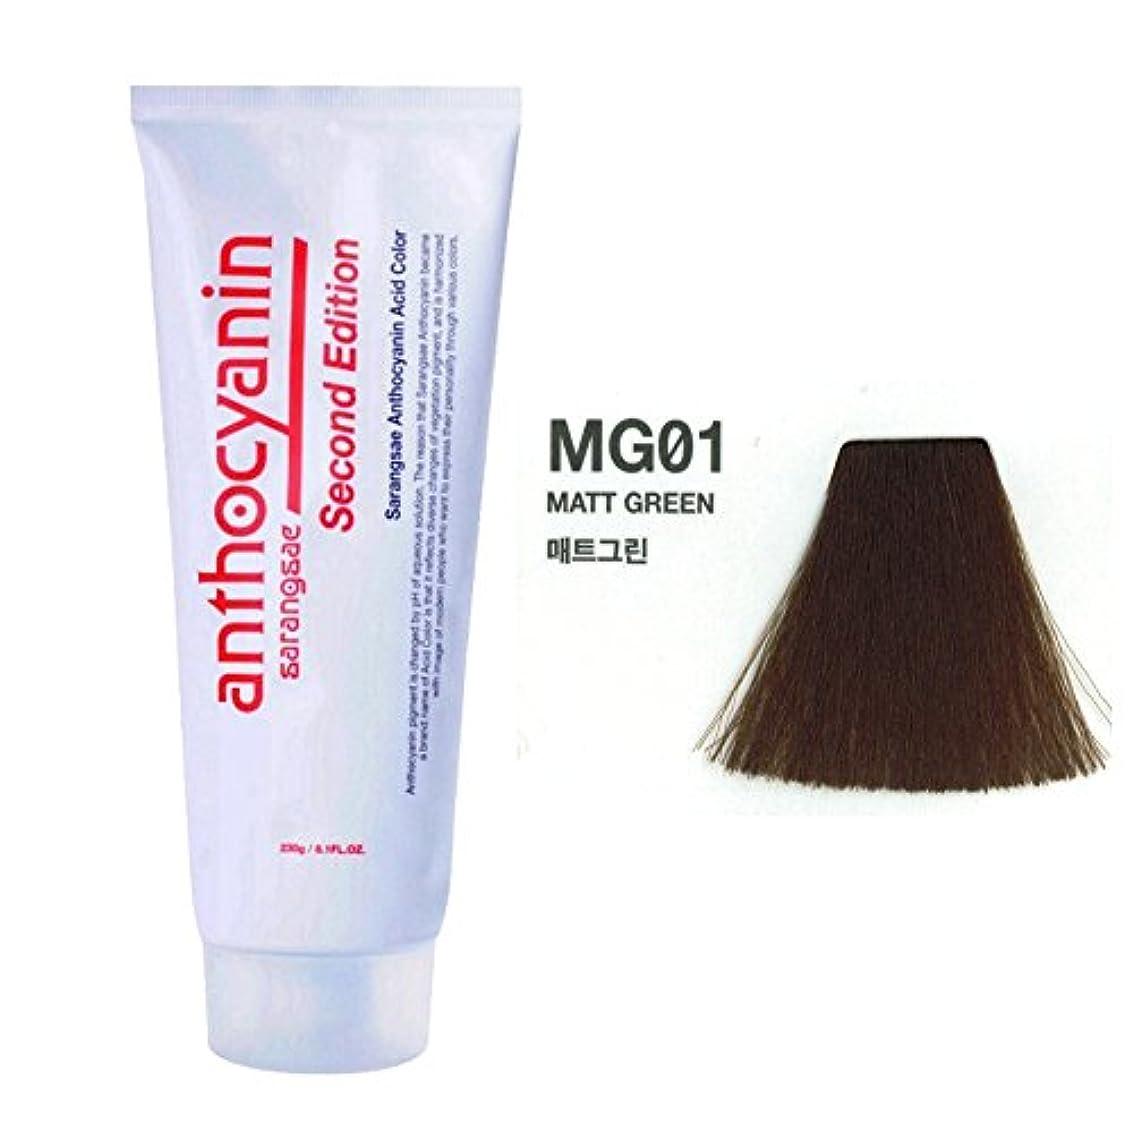 美徳同化するペナルティヘア マニキュア カラー セカンド エディション 230g セミ パーマネント 染毛剤 (Hair Manicure Color Second Edition 230g Semi Permanent Hair Dye) [並行輸入品] (MG01 Marr Green)